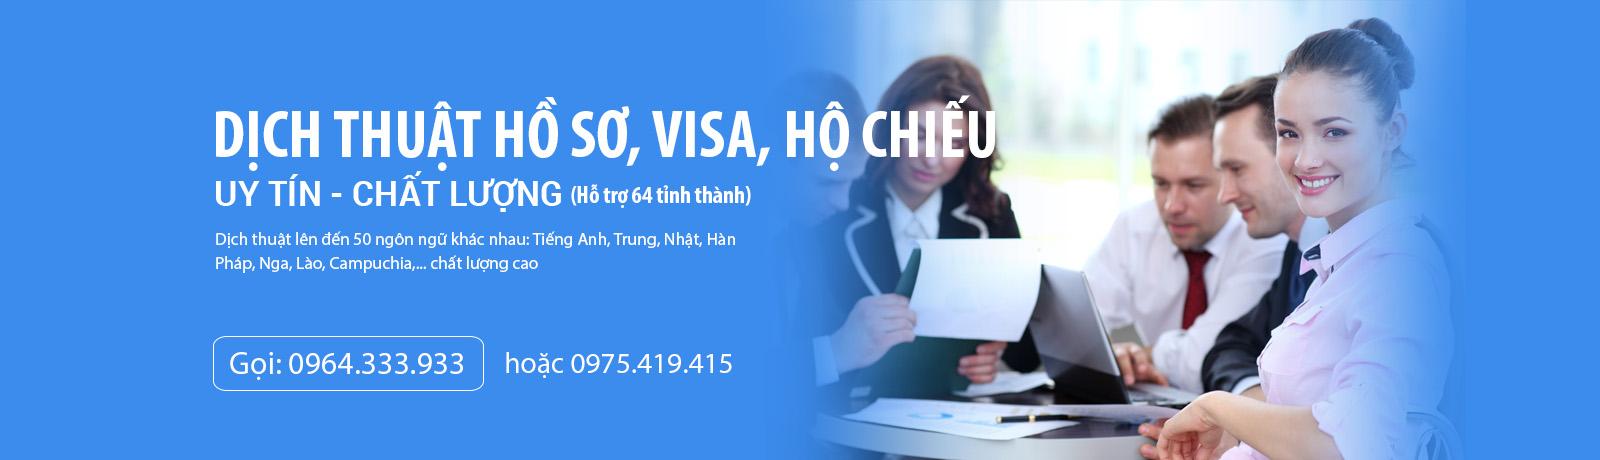 Dịch thuật hồ sơ du học, visa, hộ chiếu